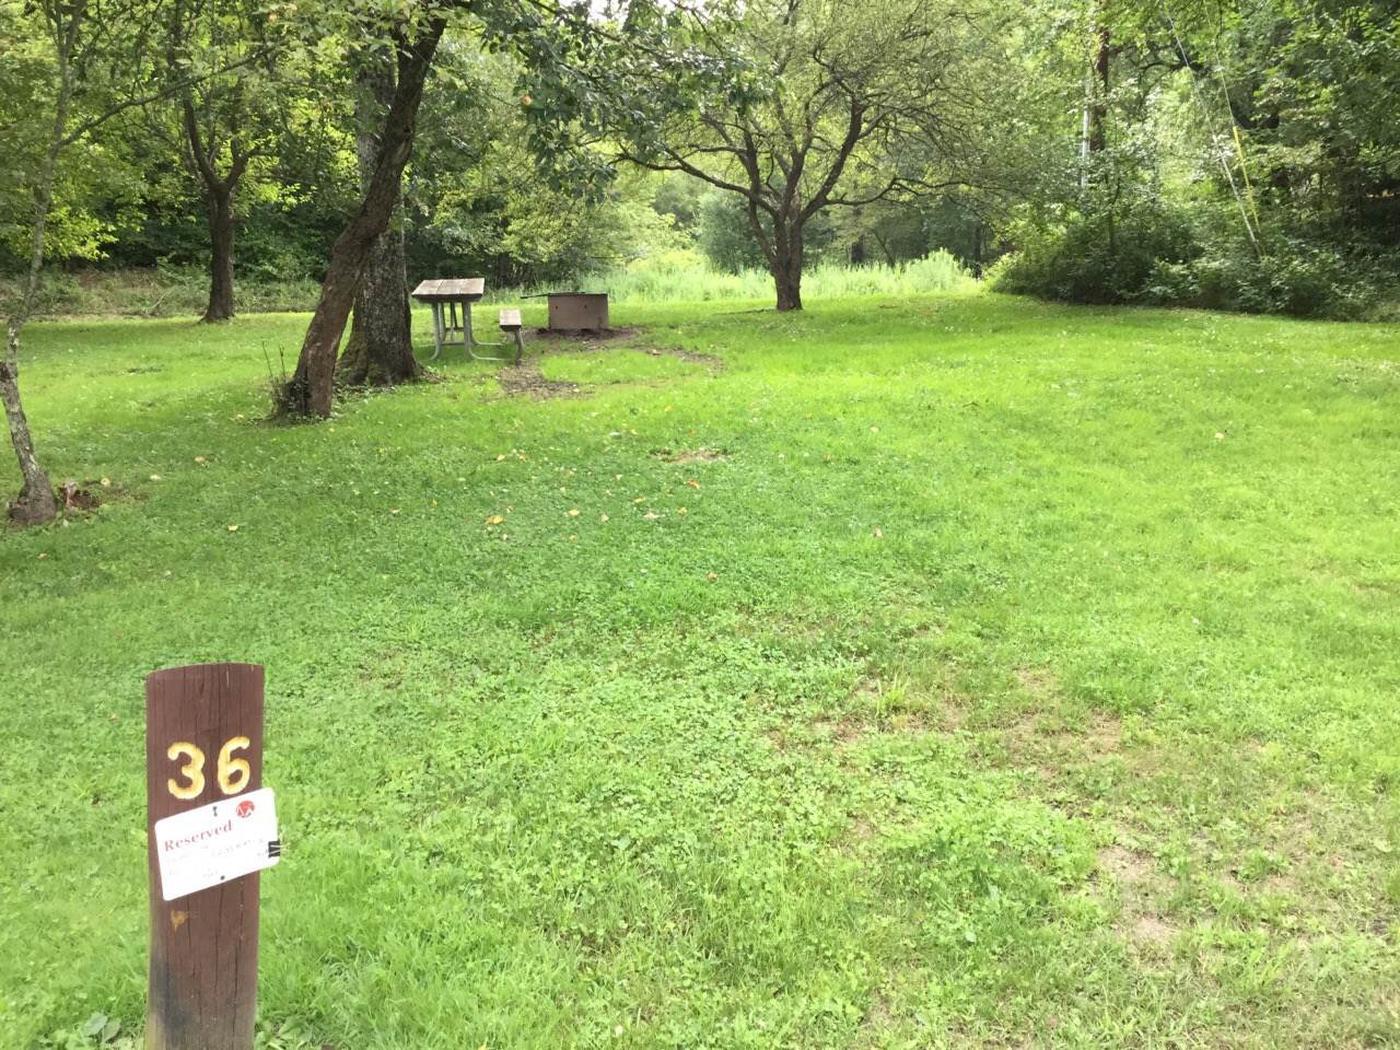 Loleta Recreation Area: Campsite 36